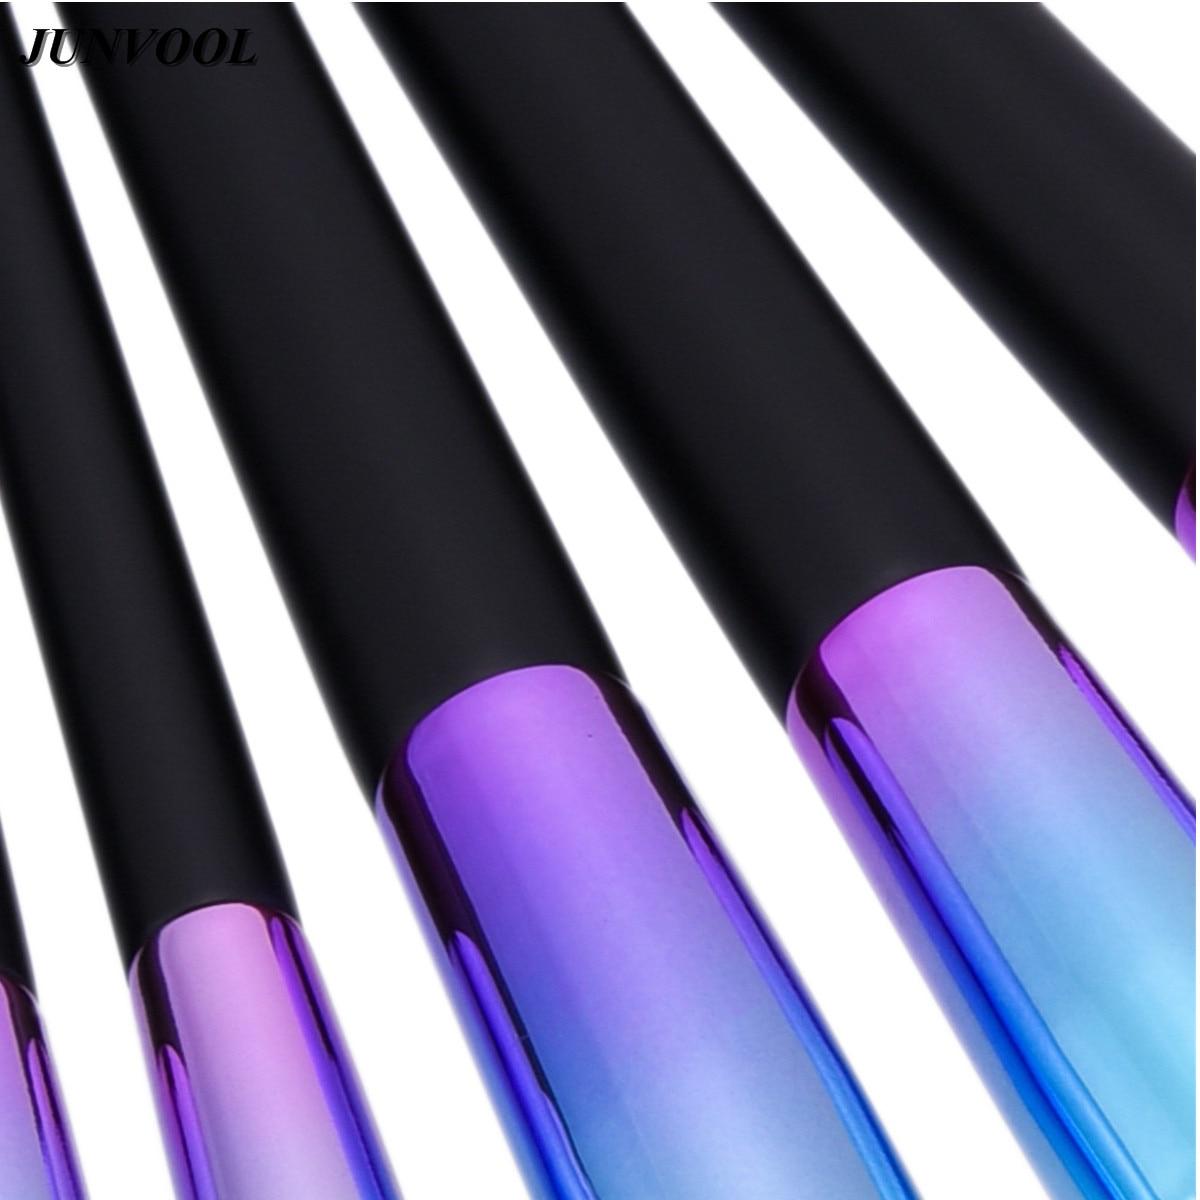 Wood Handle Makeup Brushes Set 7Pcs/set Dazzle Glitter Foundation Powder Brush Kit Rainbow Eyeshadow Lip Kabuki Beauty Tools